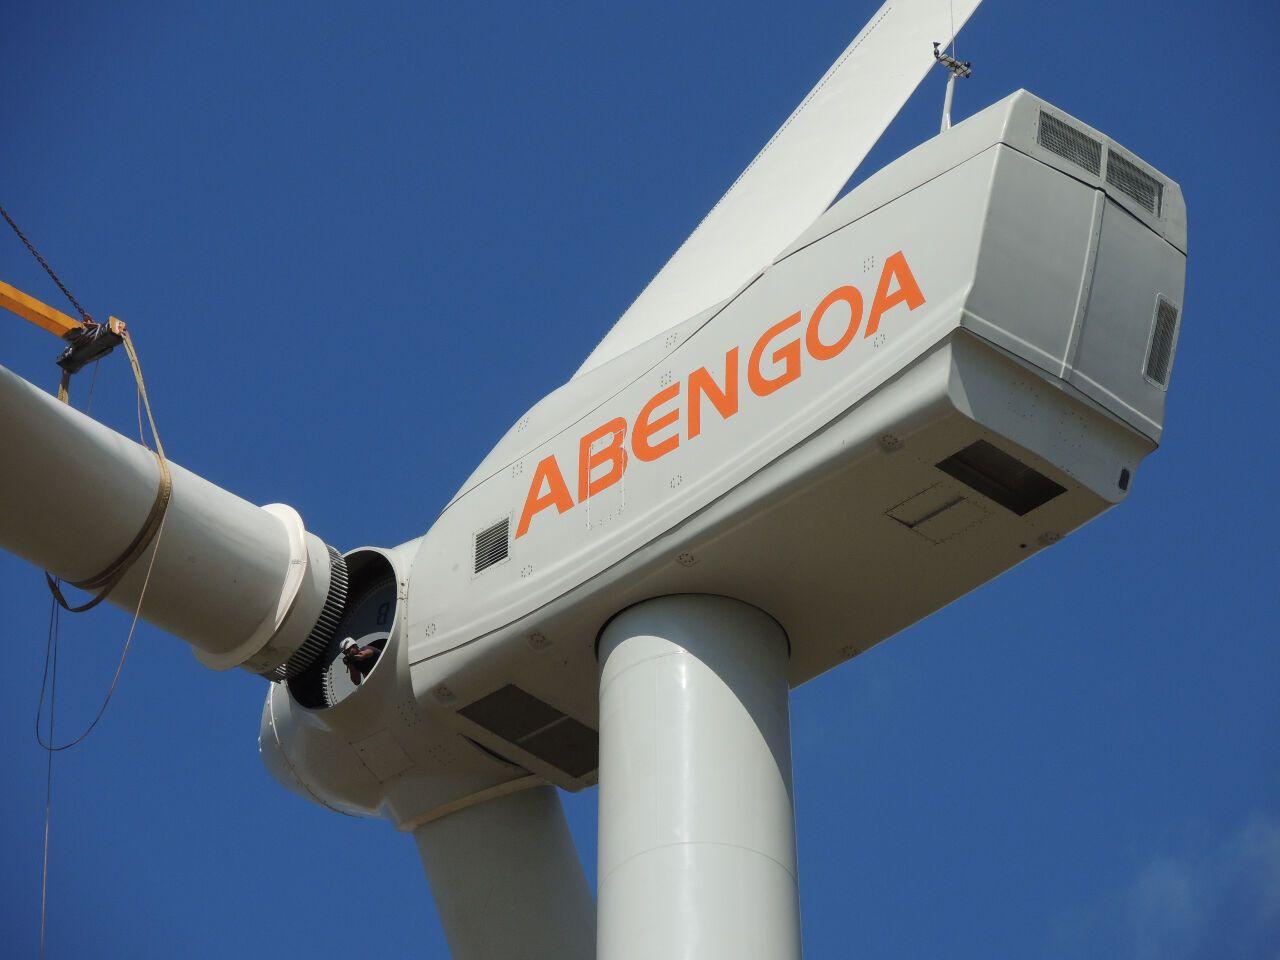 El administrador concursal de Abengoa tiene sobre la mesa dos ofertas que cuentan con similitudes clave en común, como el control total de la empresa o el rol de la SEPI, pero también diferencias con los minoritarios como protagonistas